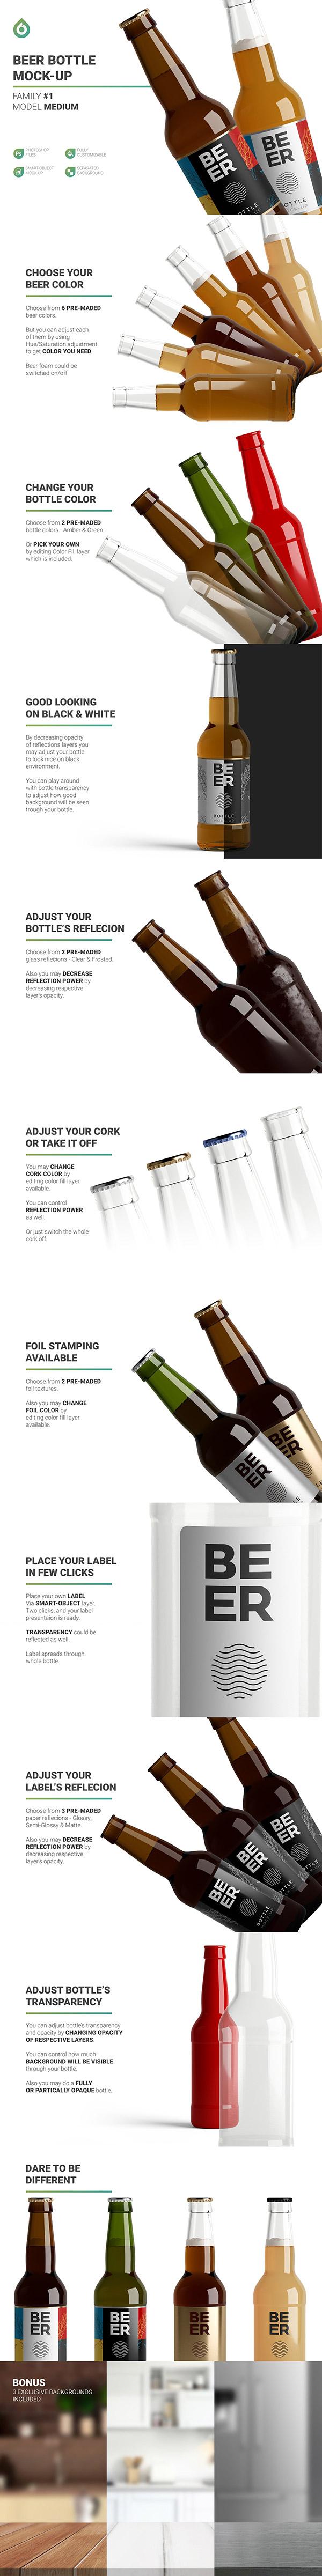 啤酒瓶标签设计样机